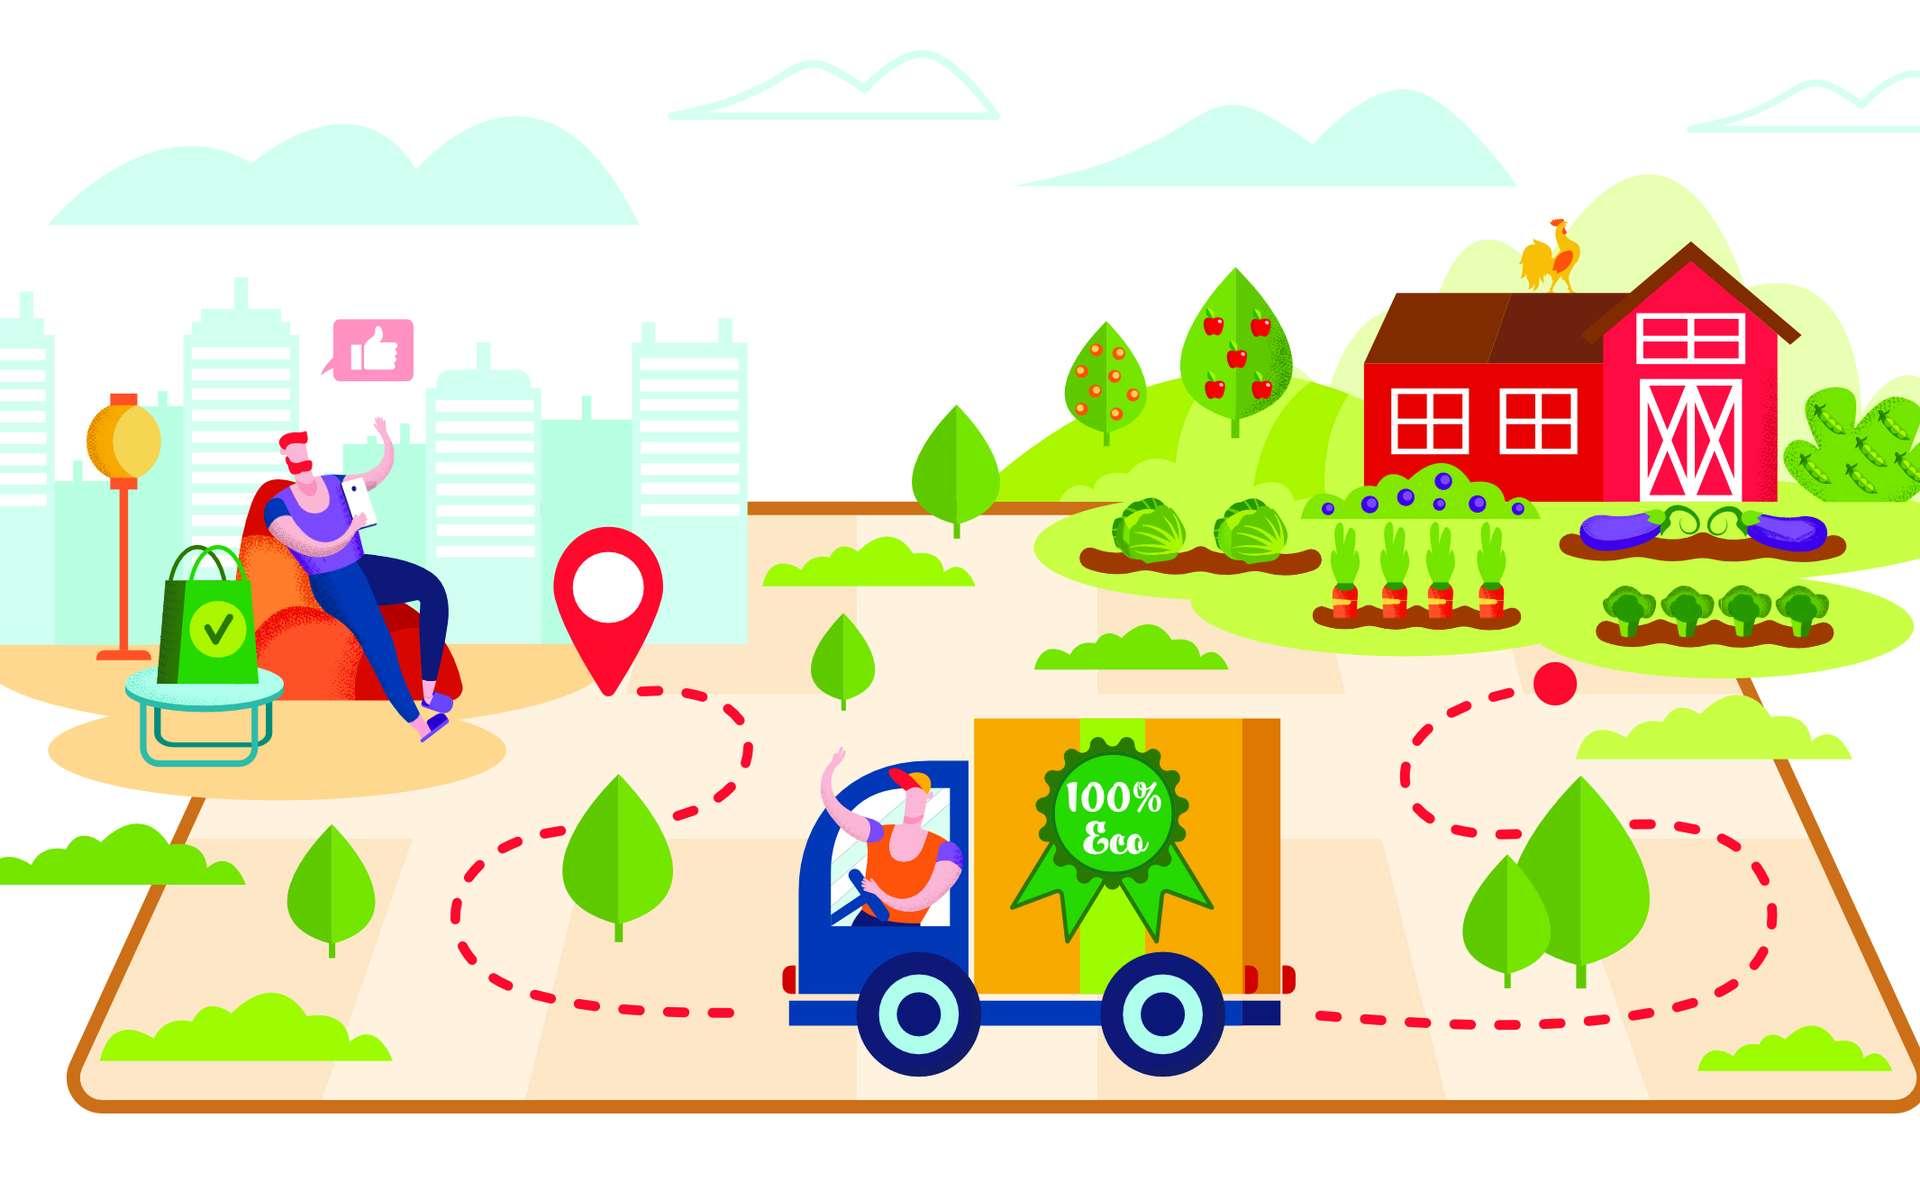 Acheter local : quel réel bénéfice pour l'environnement ? © Mykola, Adobe Stock